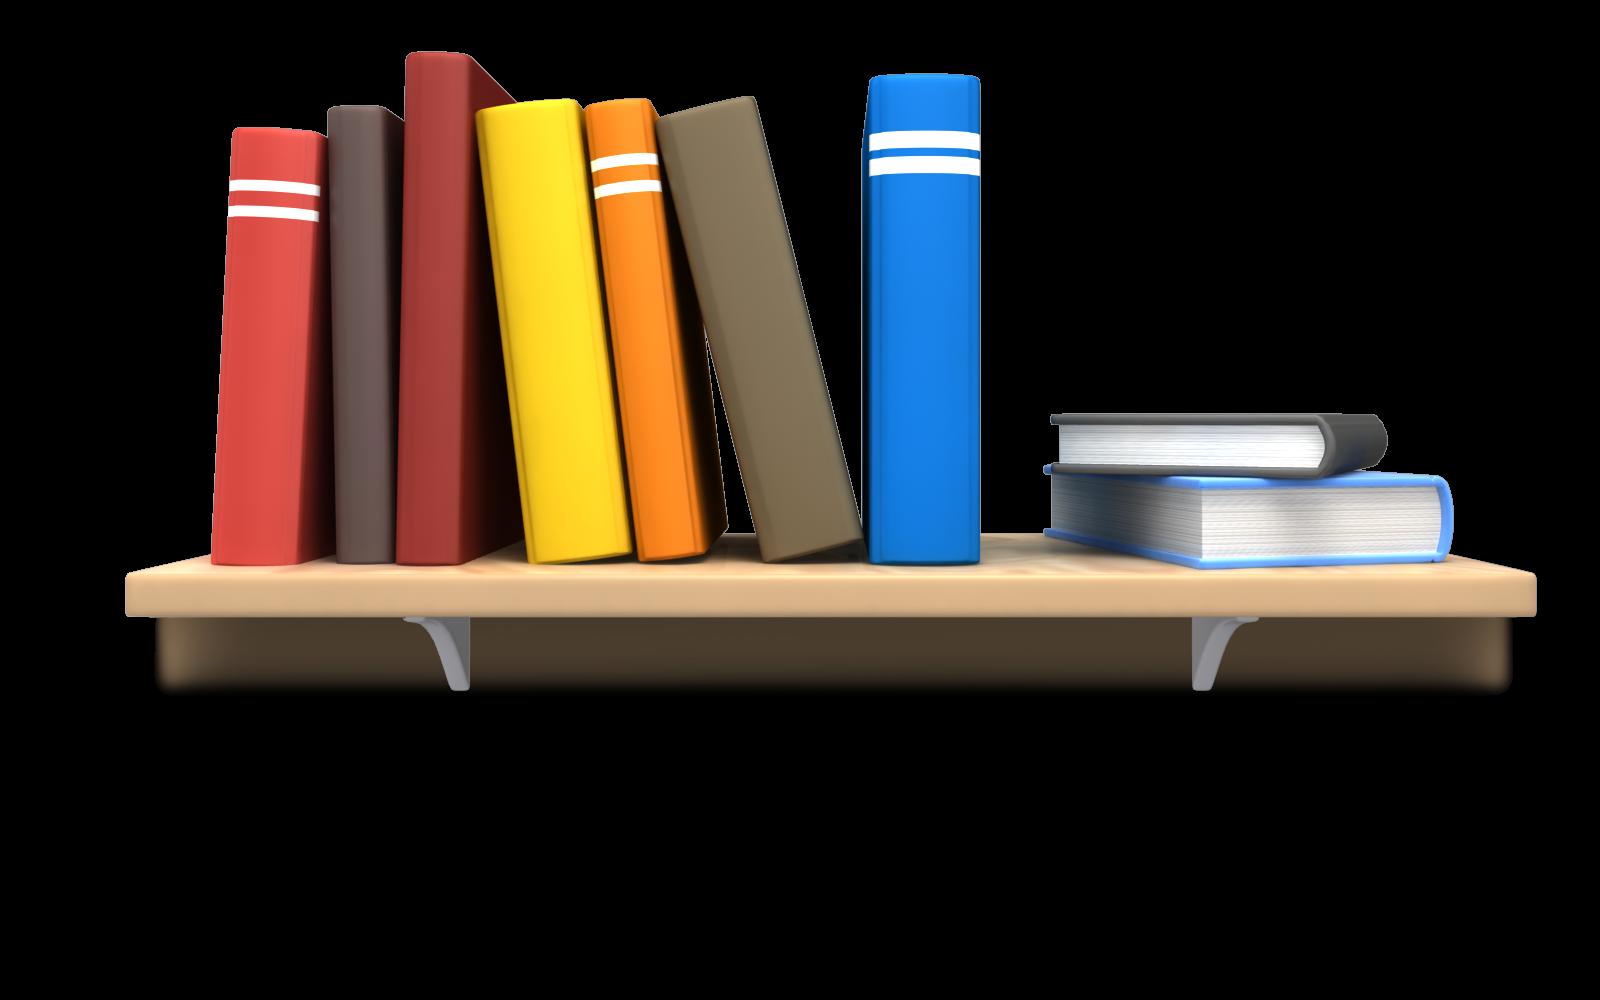 Book on desk clipart clip free Shelf Bookcase Clip art - shelf 1600*1000 transprent Png Free ... clip free